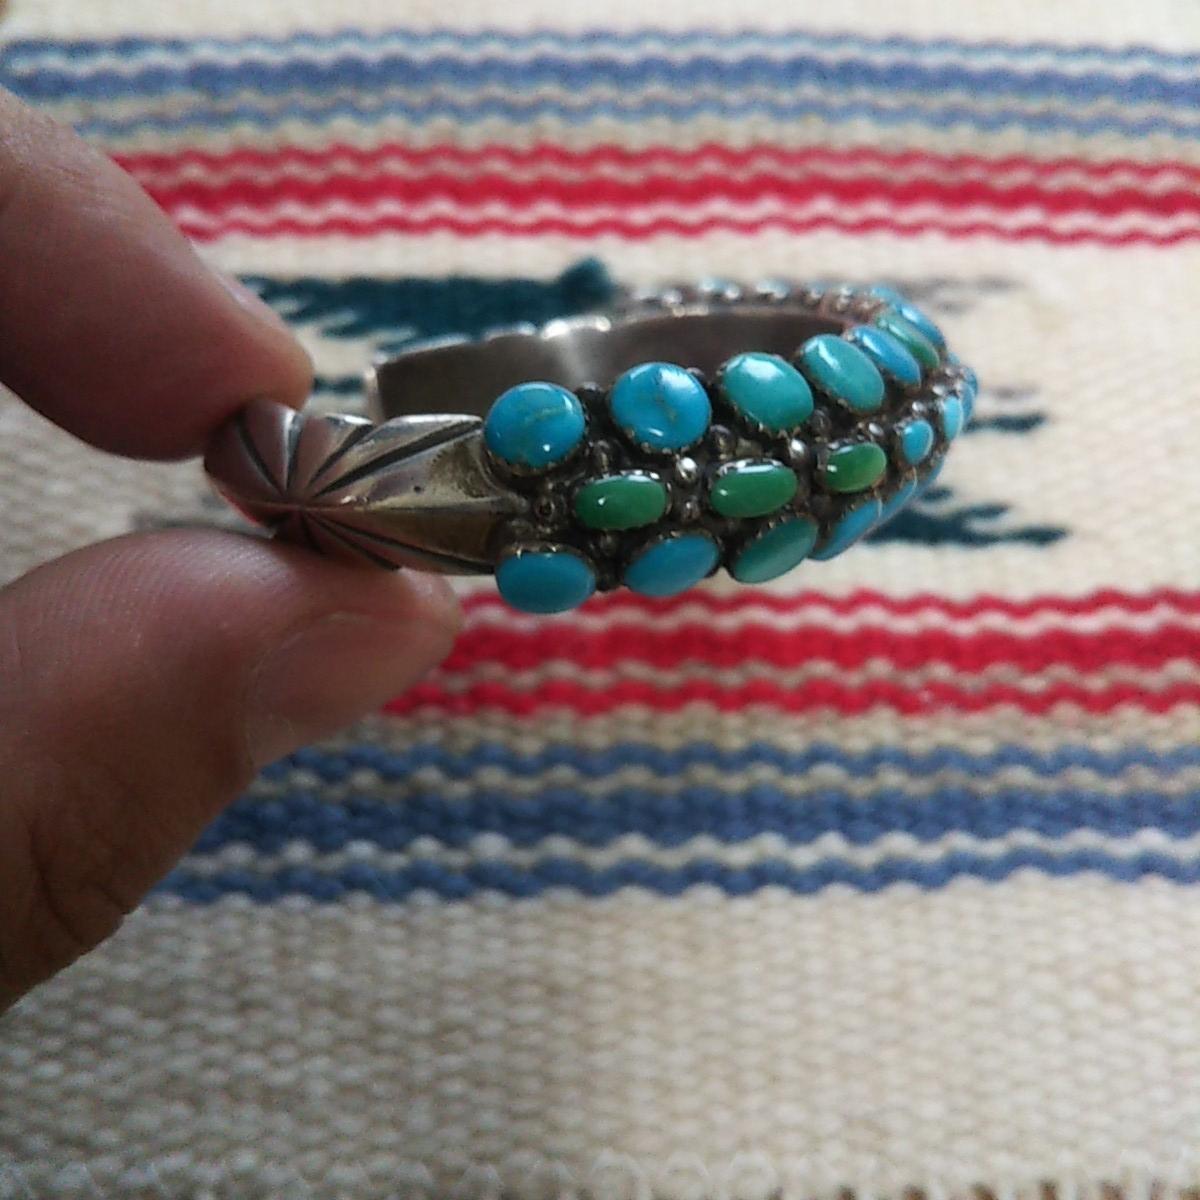 インディアンジュエリー ナバホ族 T sterling ターコイズ クラスター シルバーバングル♯ネイティブアメリカン ホピ族 ズニ族 silver925_画像4